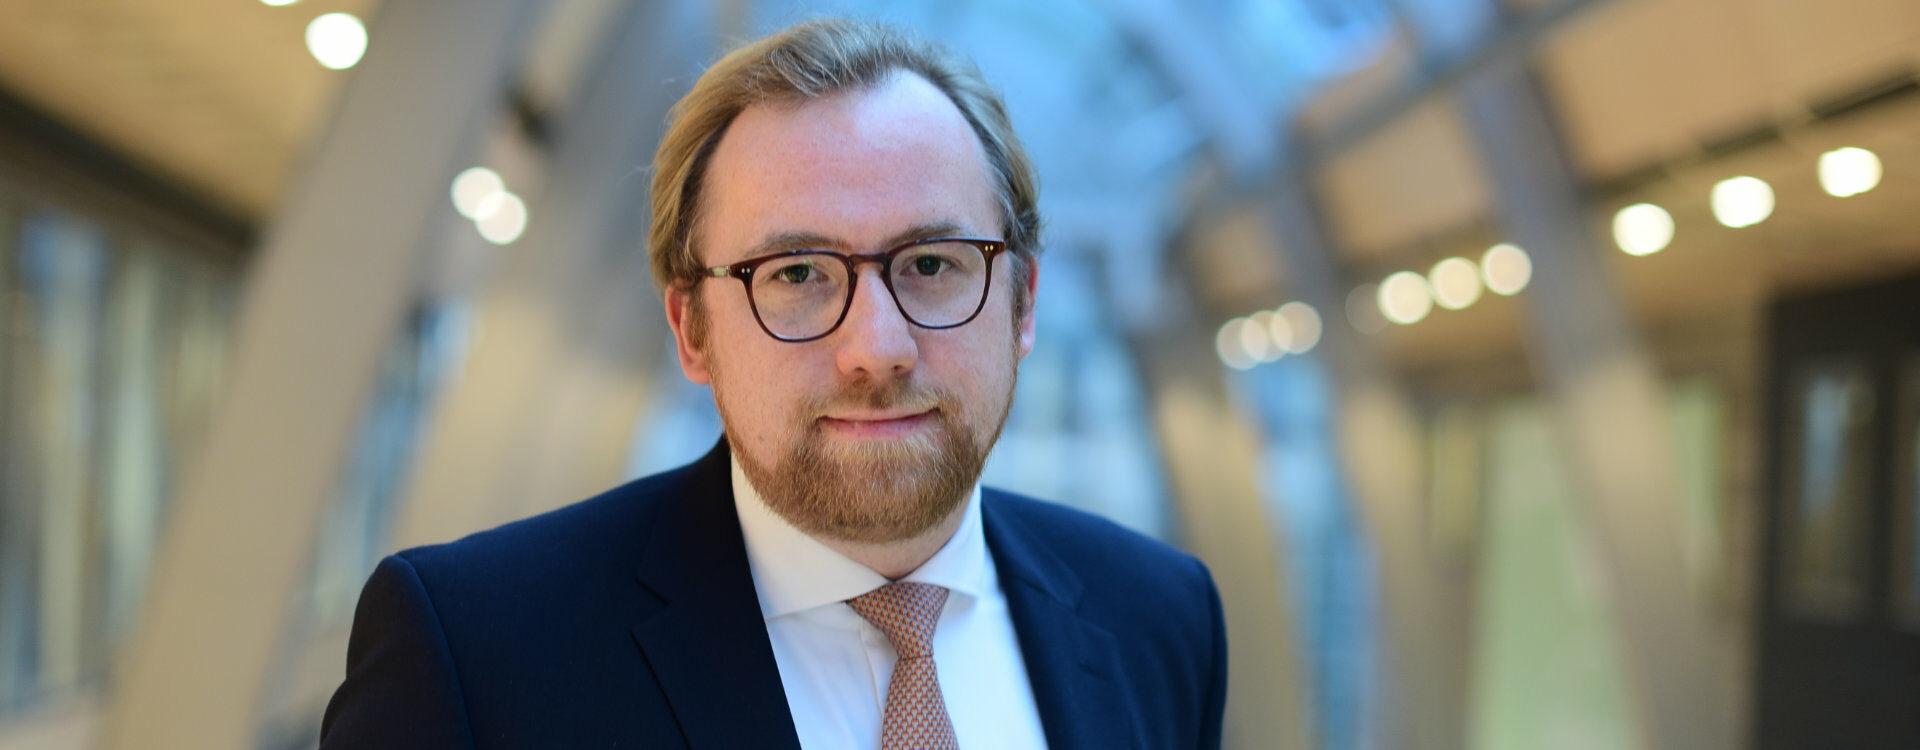 Rechtsanwalt Maximilian Hänle: Strafverteidiger und Anwalt für Strafrecht und Wirtschaftsstrafrecht